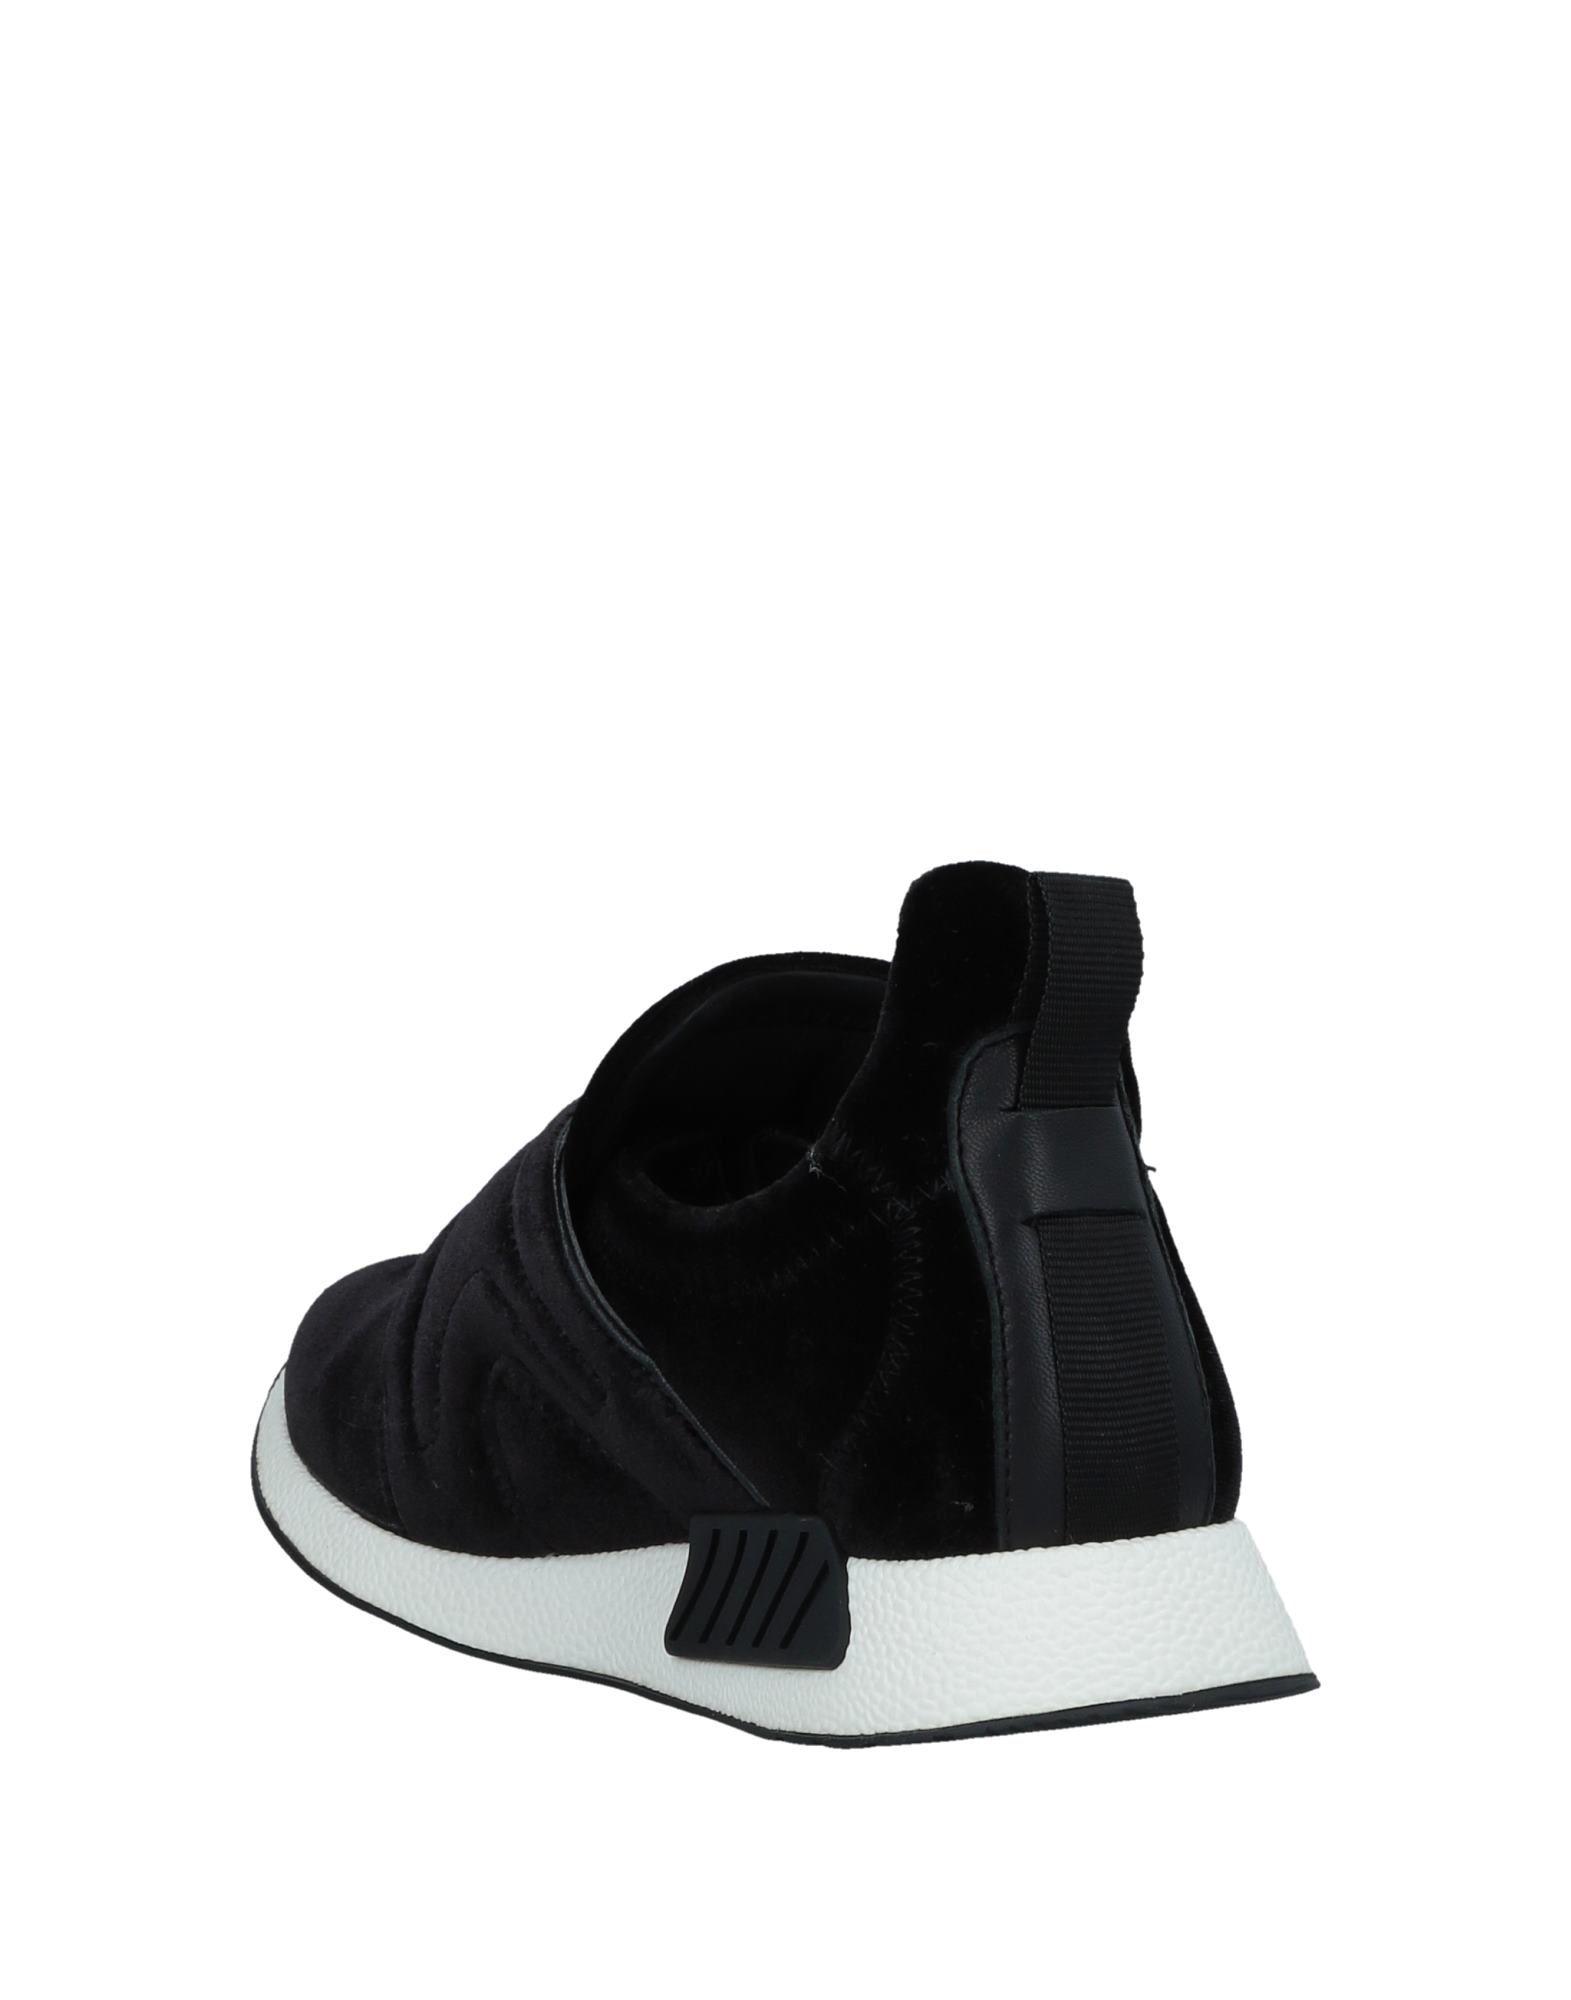 Logan Crossing Sneakers Damen  Schuhe 11532205LG Gute Qualität beliebte Schuhe  c59380